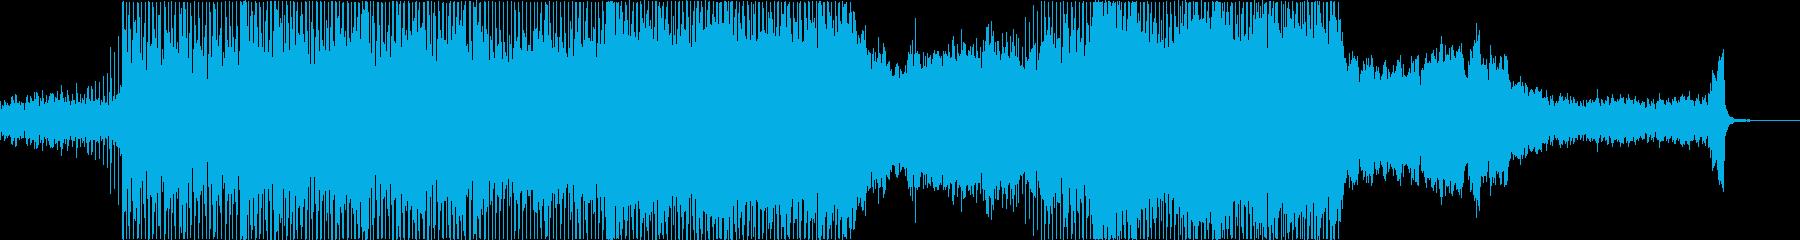 【メロディ抜き】優しく切ない、感動的な…の再生済みの波形